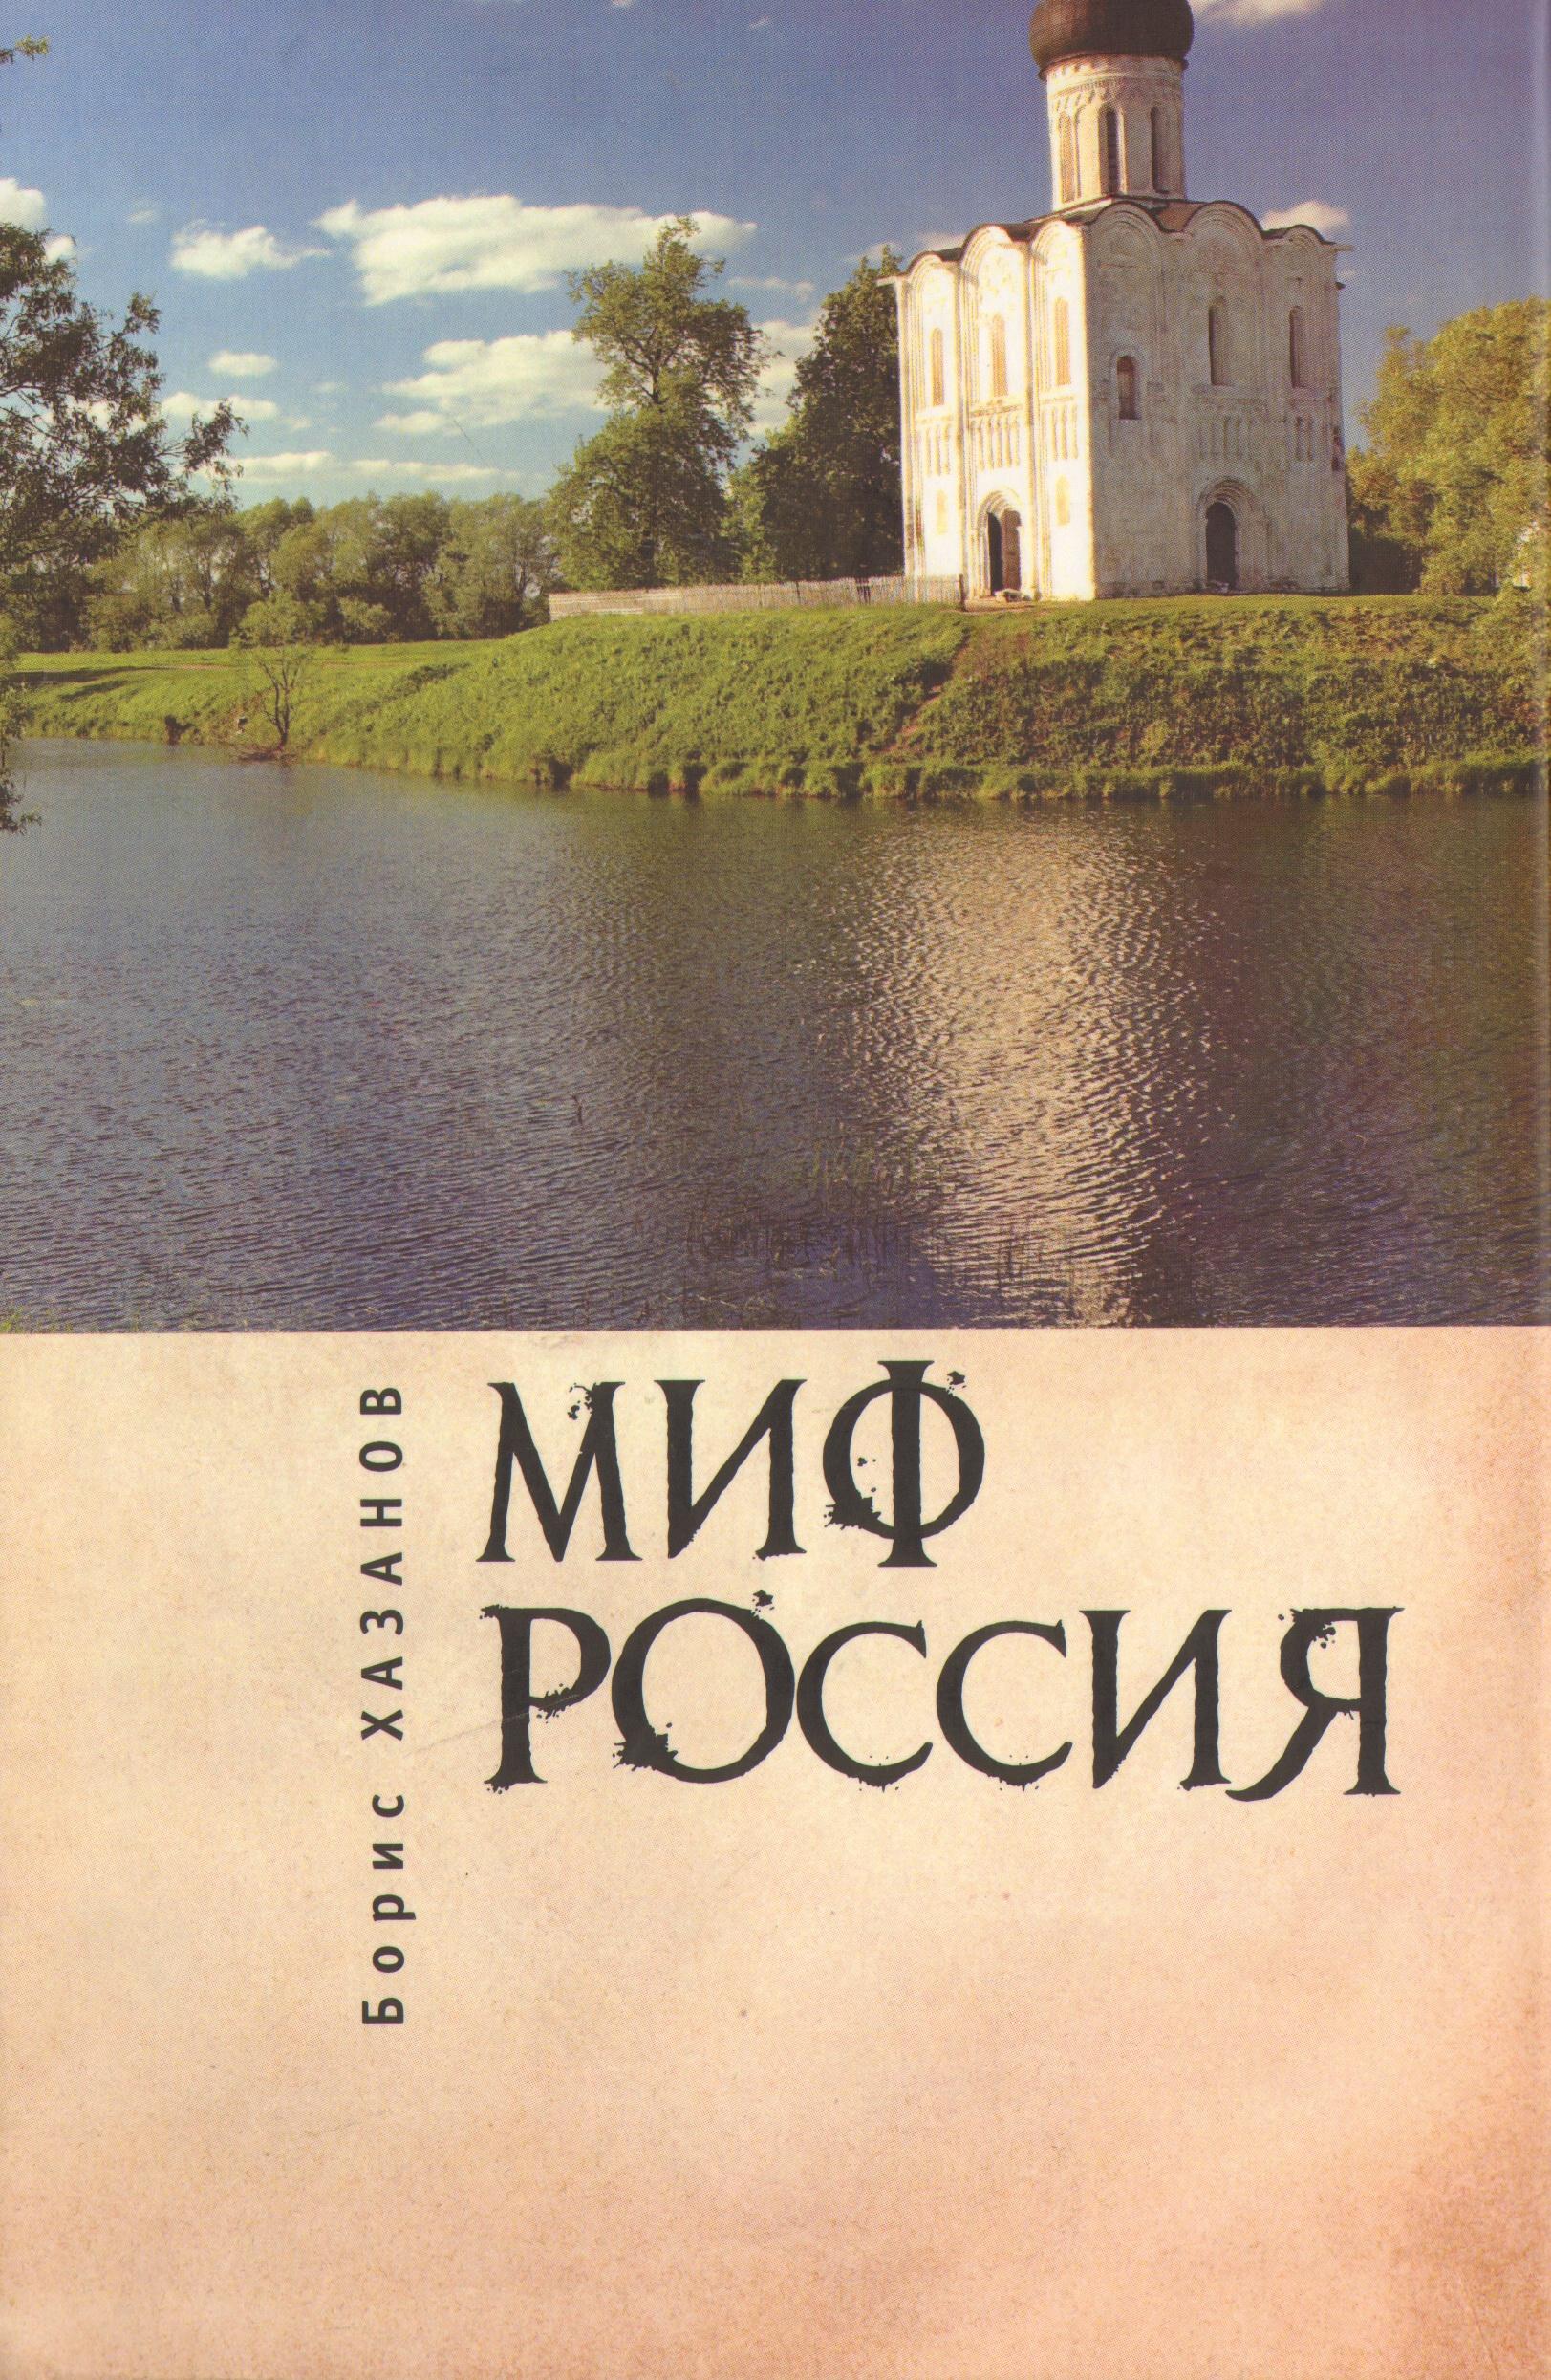 Миф Россия.Очерки роман.политологии